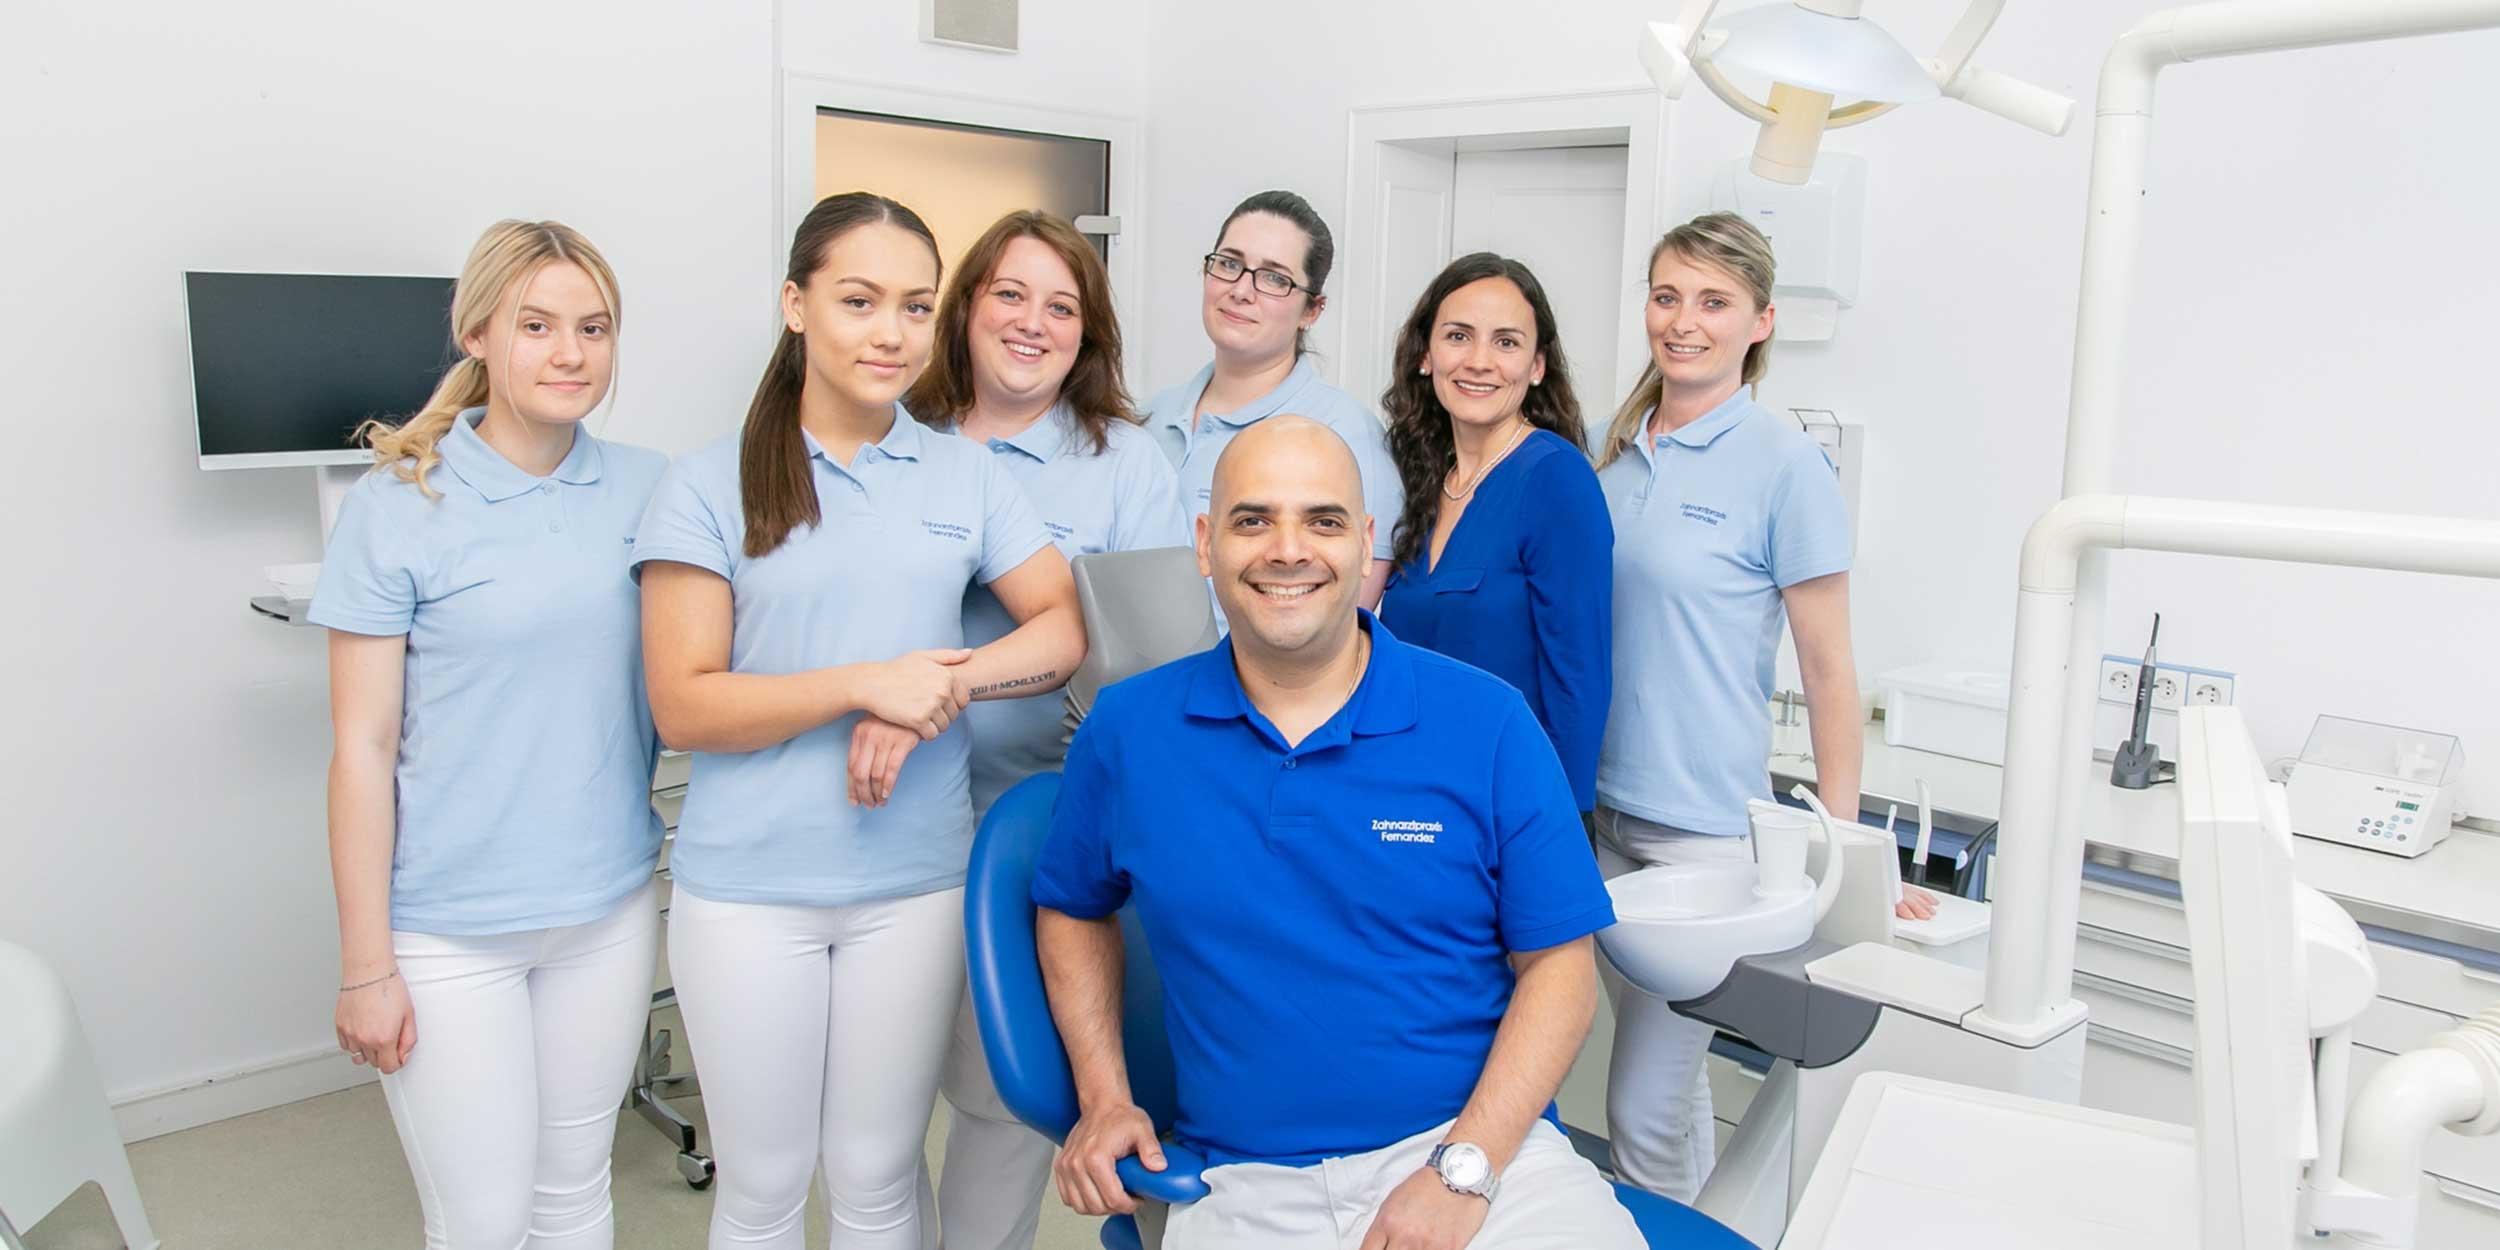 Zahnarzt Koblenz Karthause - Fernandez - Gruppenbild des Teams in einem Behandlungsraum der Praxis